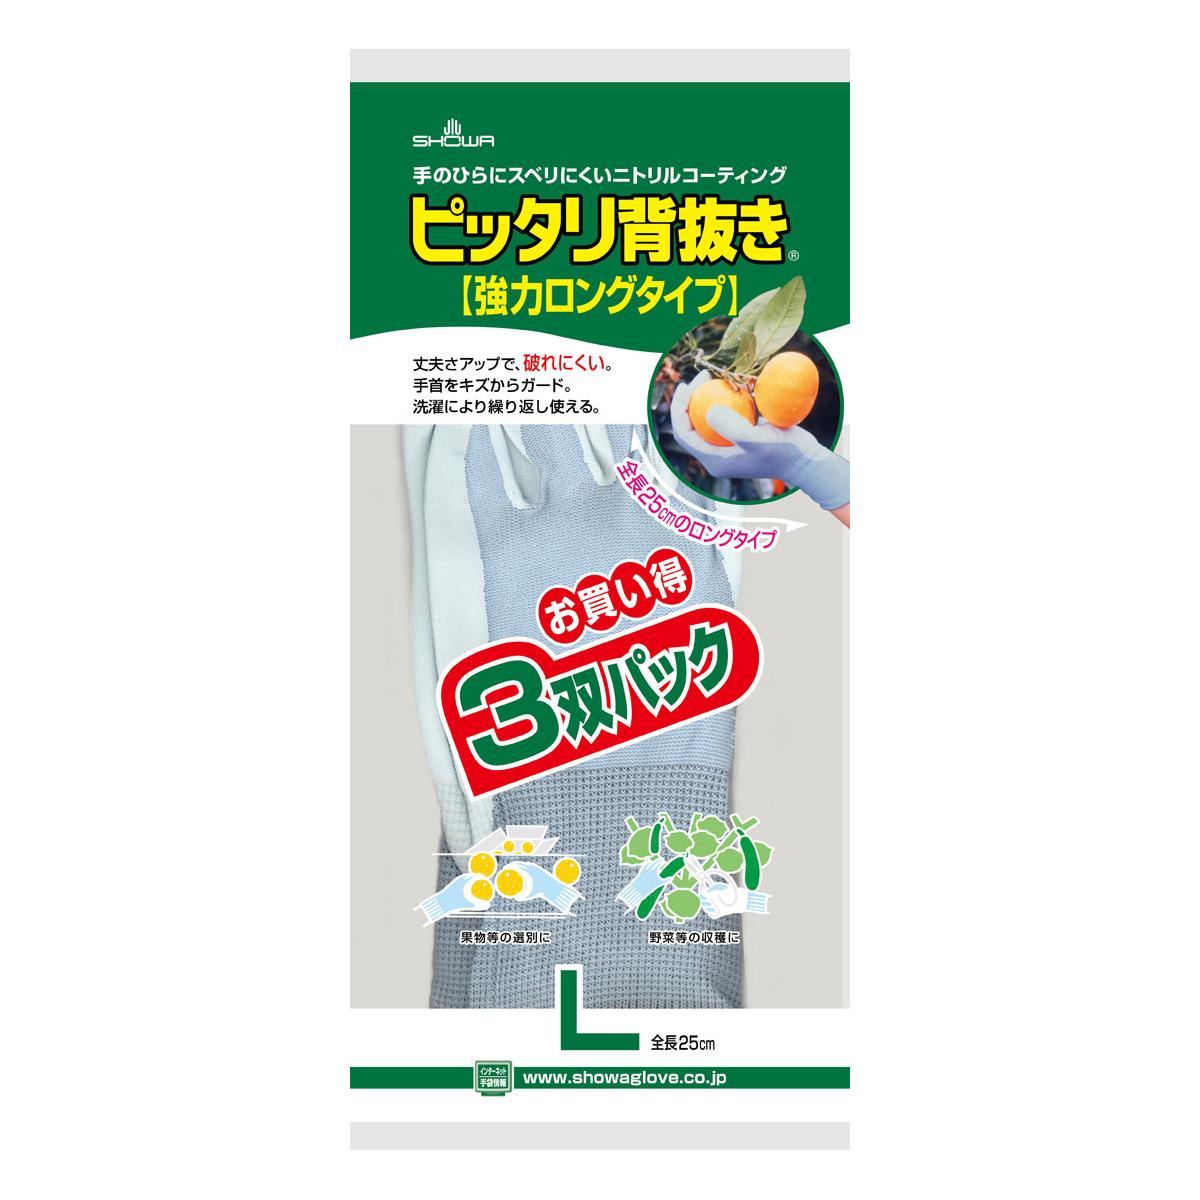 【送料無料】 ショーワ SHOWA ピッタリ背抜き 強力ロングタイプ 3双パック L×40個セット (4901792925273)